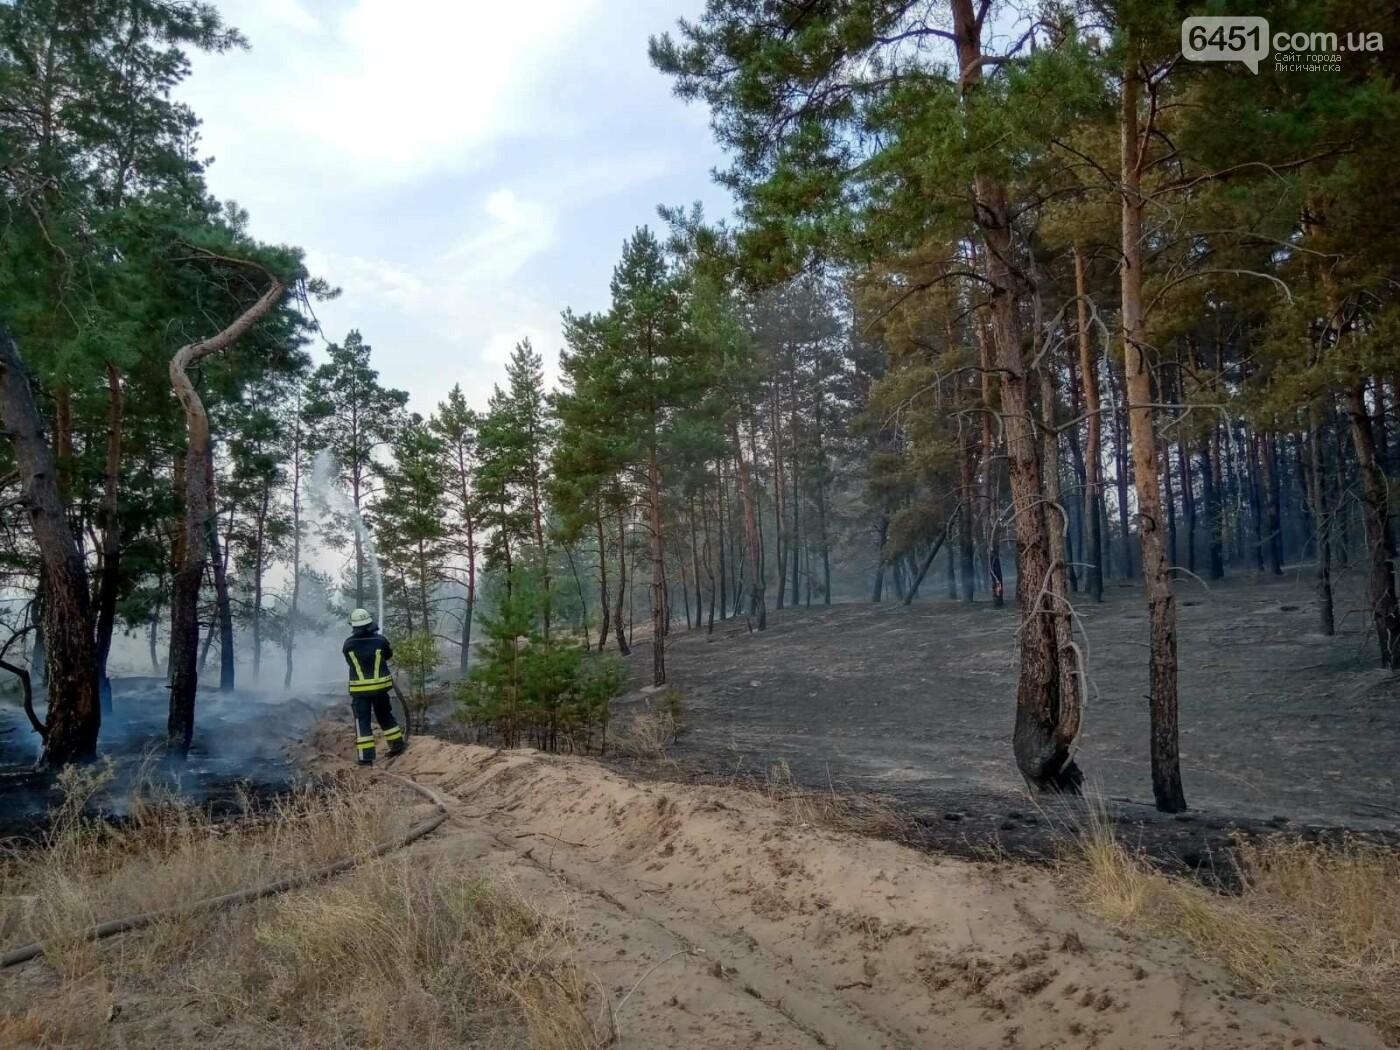 Часть Луганщины снова в огне, фото-1